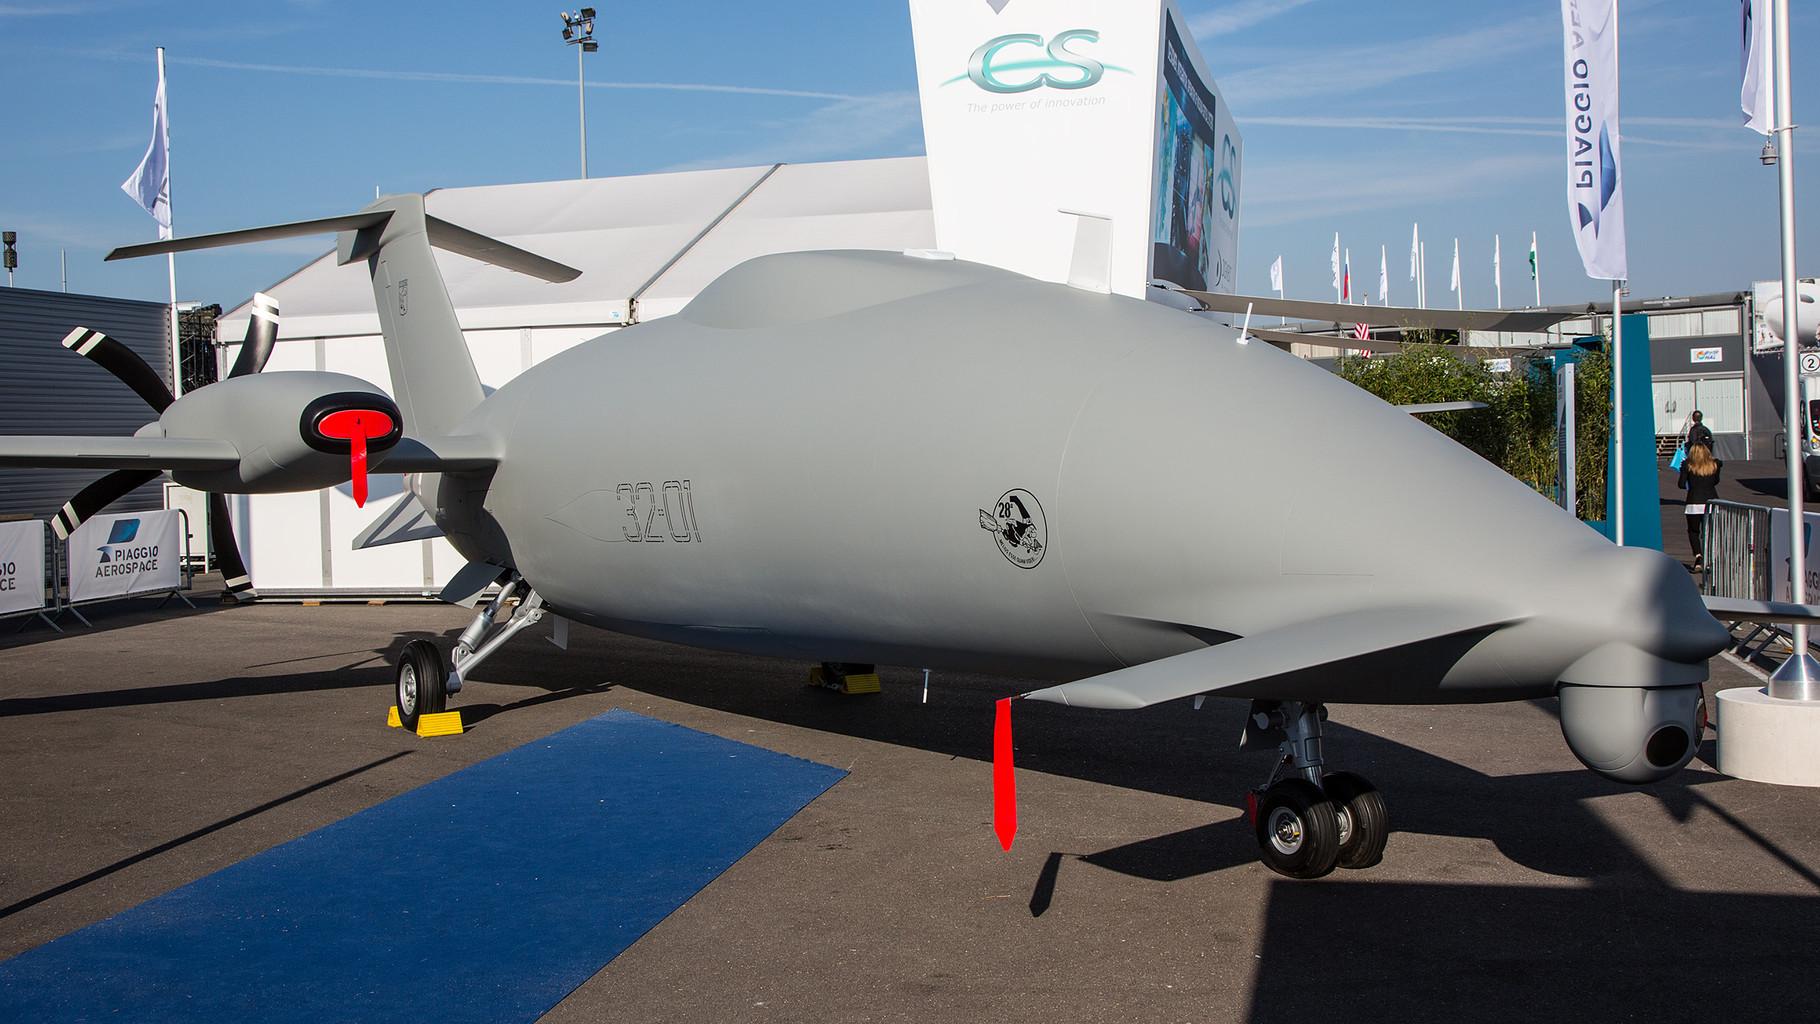 Piaggio hat auf der Basis  der P-188 eine Drohne entwickelt.